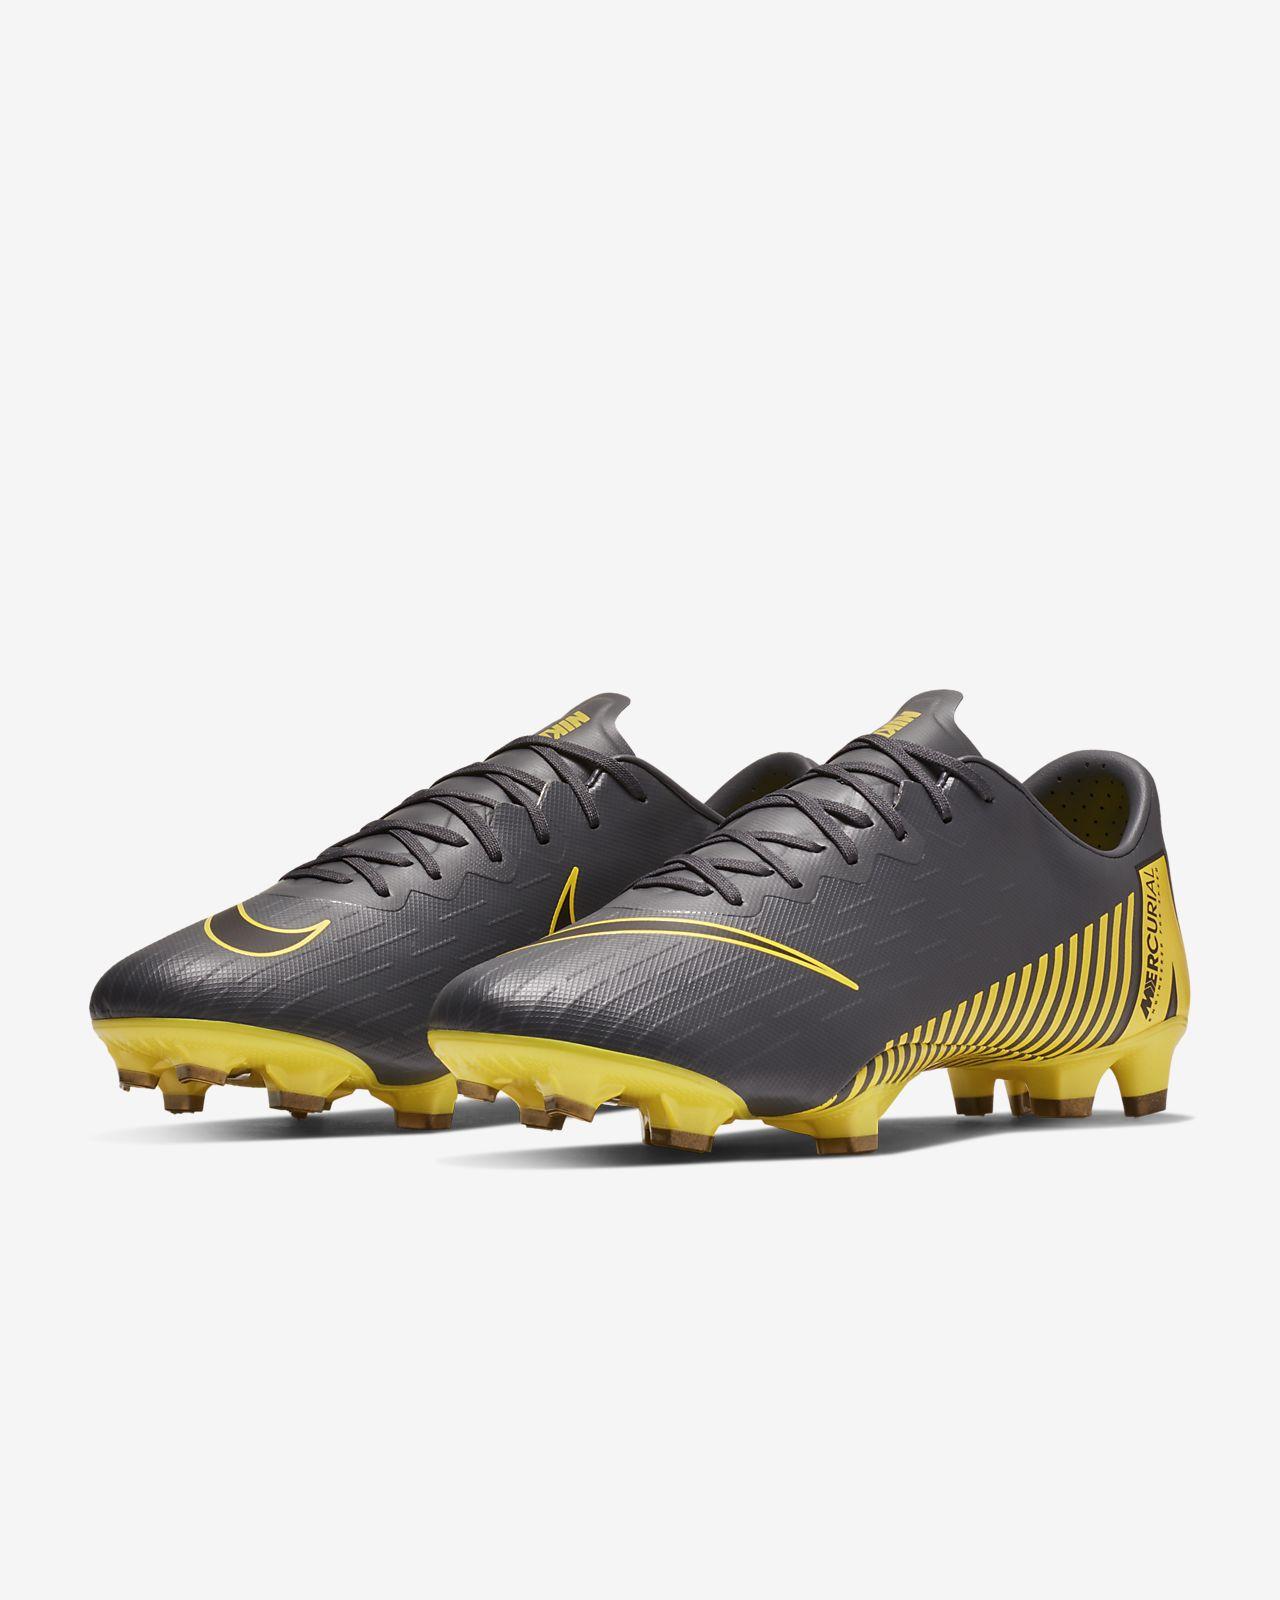 b1146314a Nike Vapor 12 Pro FG Game Over Firm-Ground Football Boot. Nike.com AU